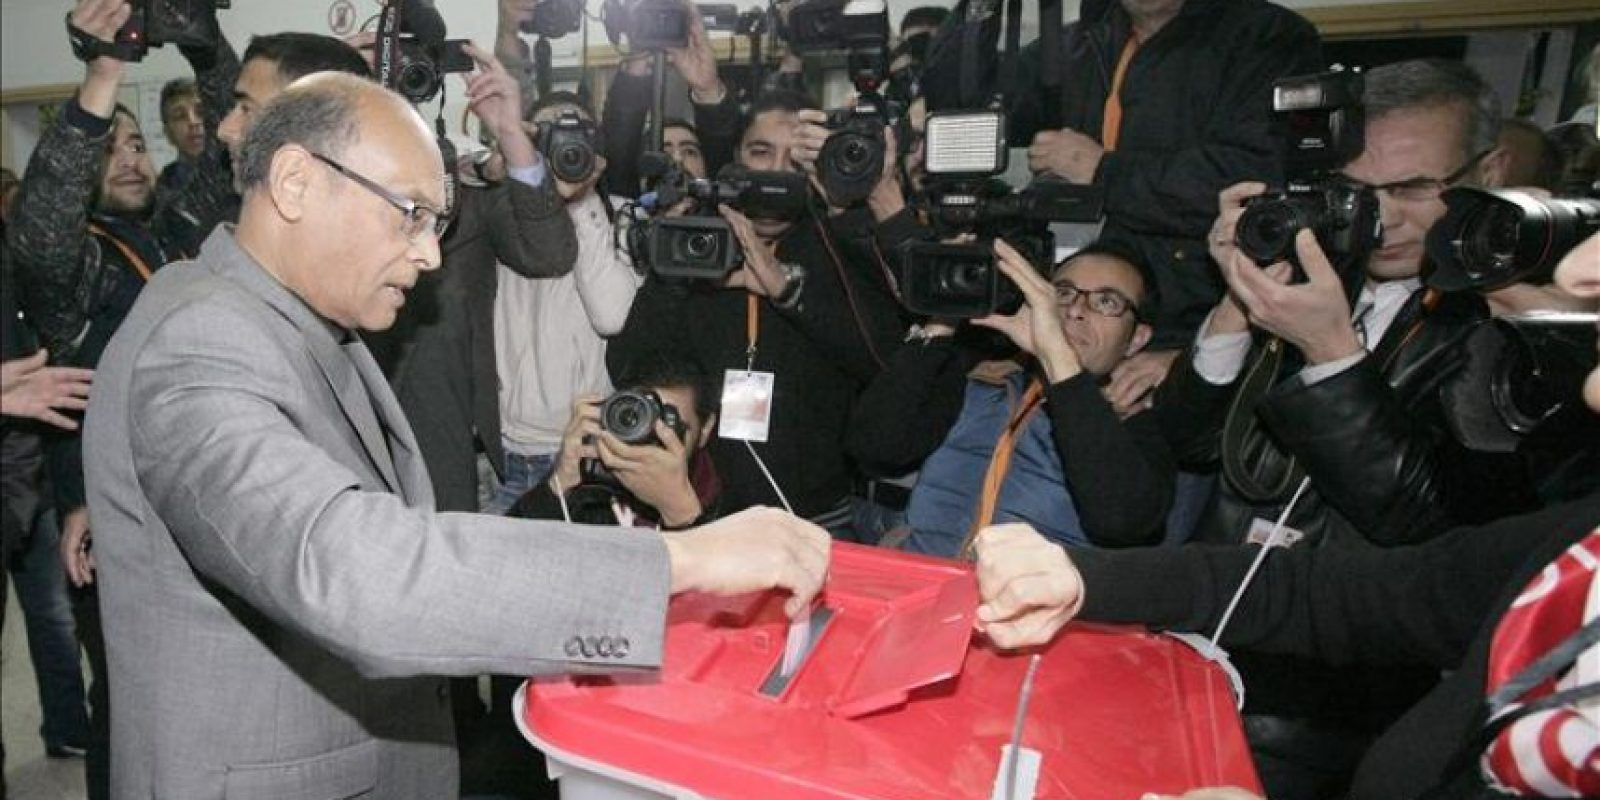 El presidente tunecino, Mohamed Moncef Mouzouki, deposita su voto hoy en la localidad de Sousse, Túnez. EFE